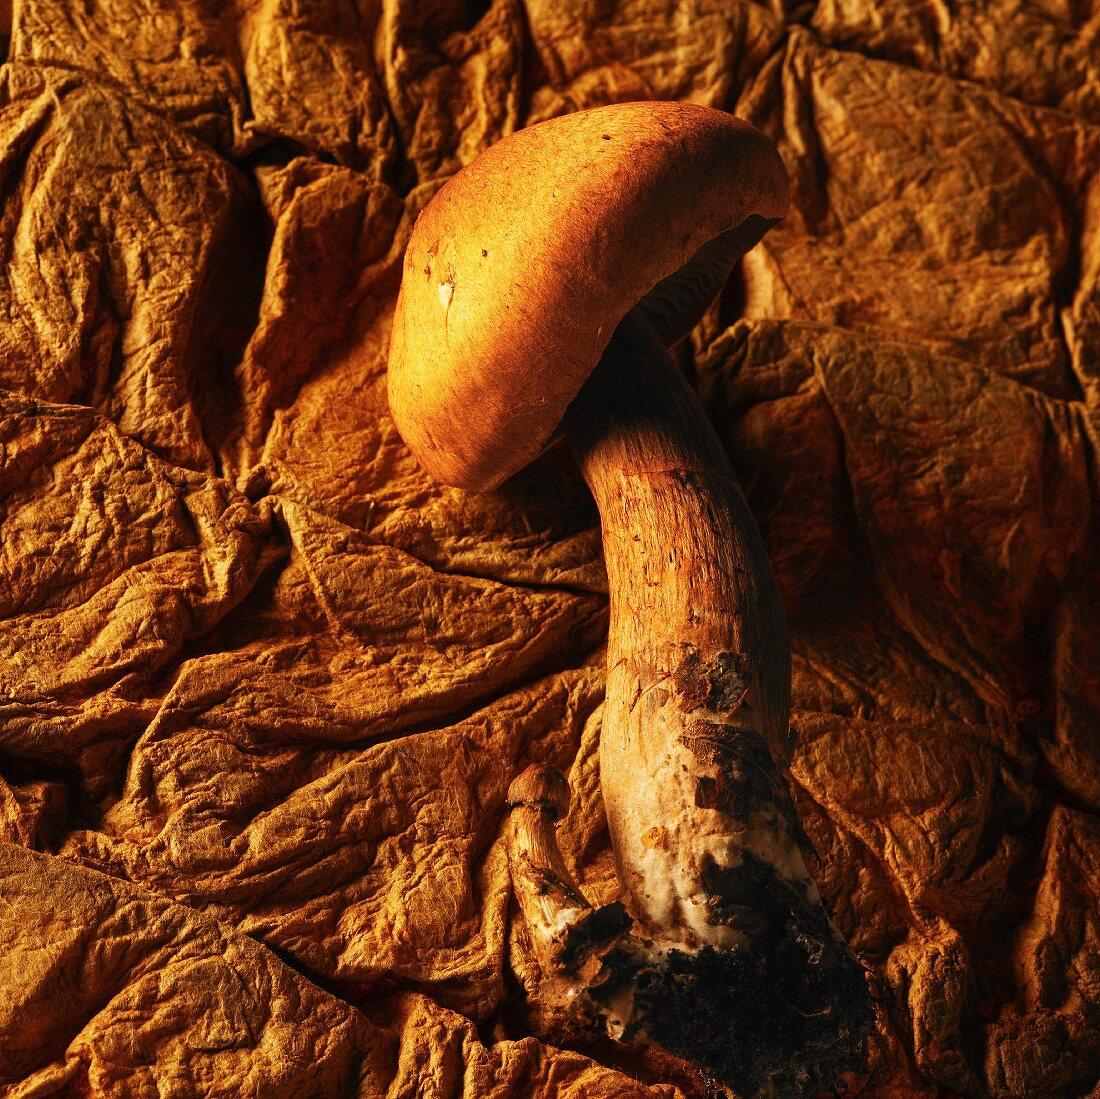 Amanite des cesars mushroom